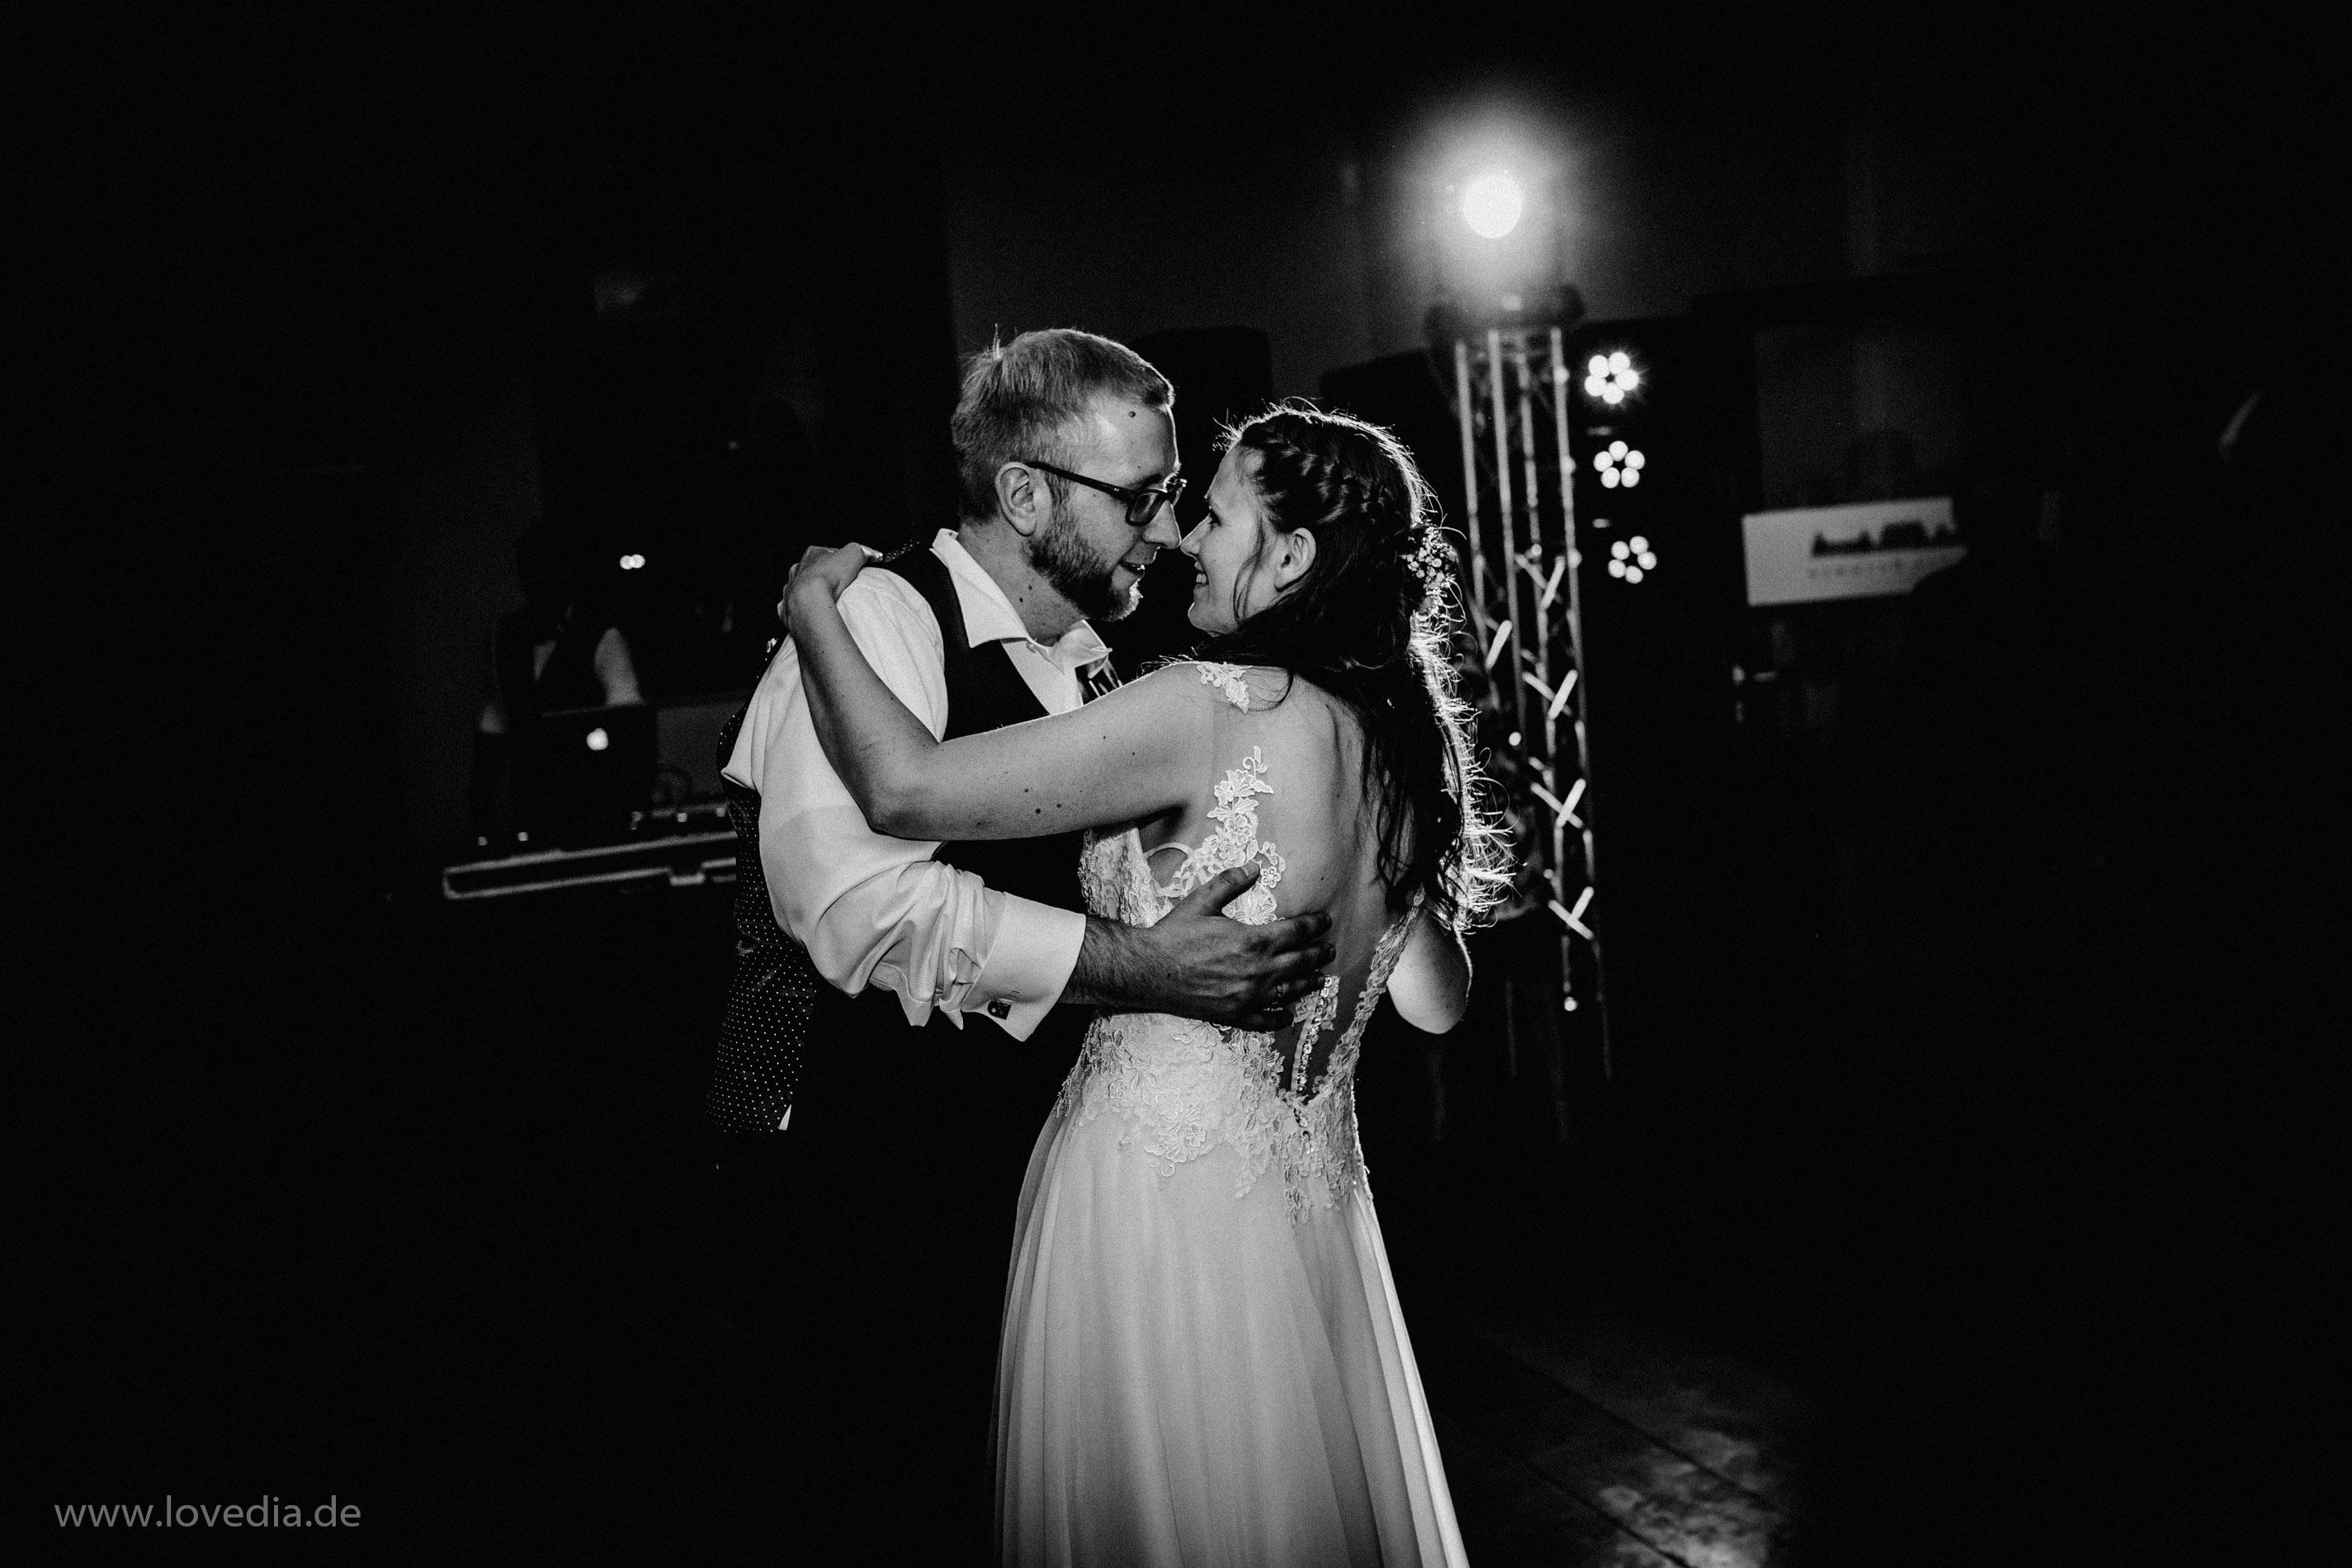 Hochzeitsfotograf für kreative und emotionale Hochzeitsportraits & Hochzeitsreportagen in im Schloss Bothmer, Kluetz